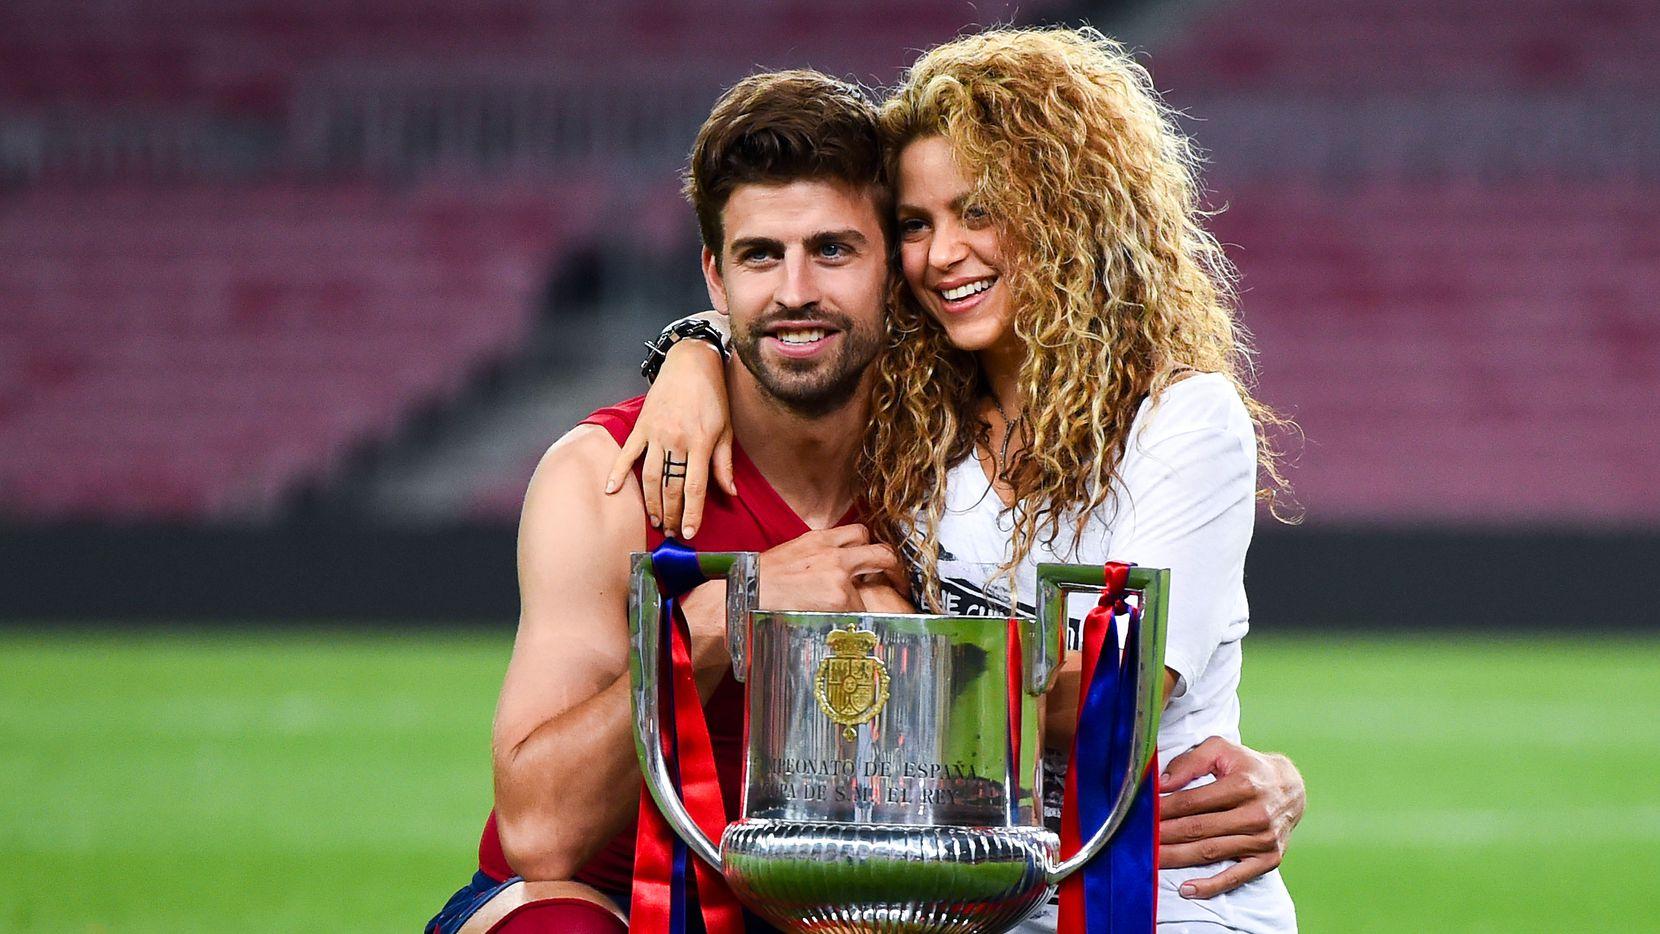 Gerard Piqué del FC Barcelona y Shakira posan con el trofeo después de que el Barcelona ganó la final de la Copa del Rey contra el Athletic Club en el Camp Nou, el 30 de mayo de 2015 en Barcelona, España. (Foto de David Ramos / Getty Images)